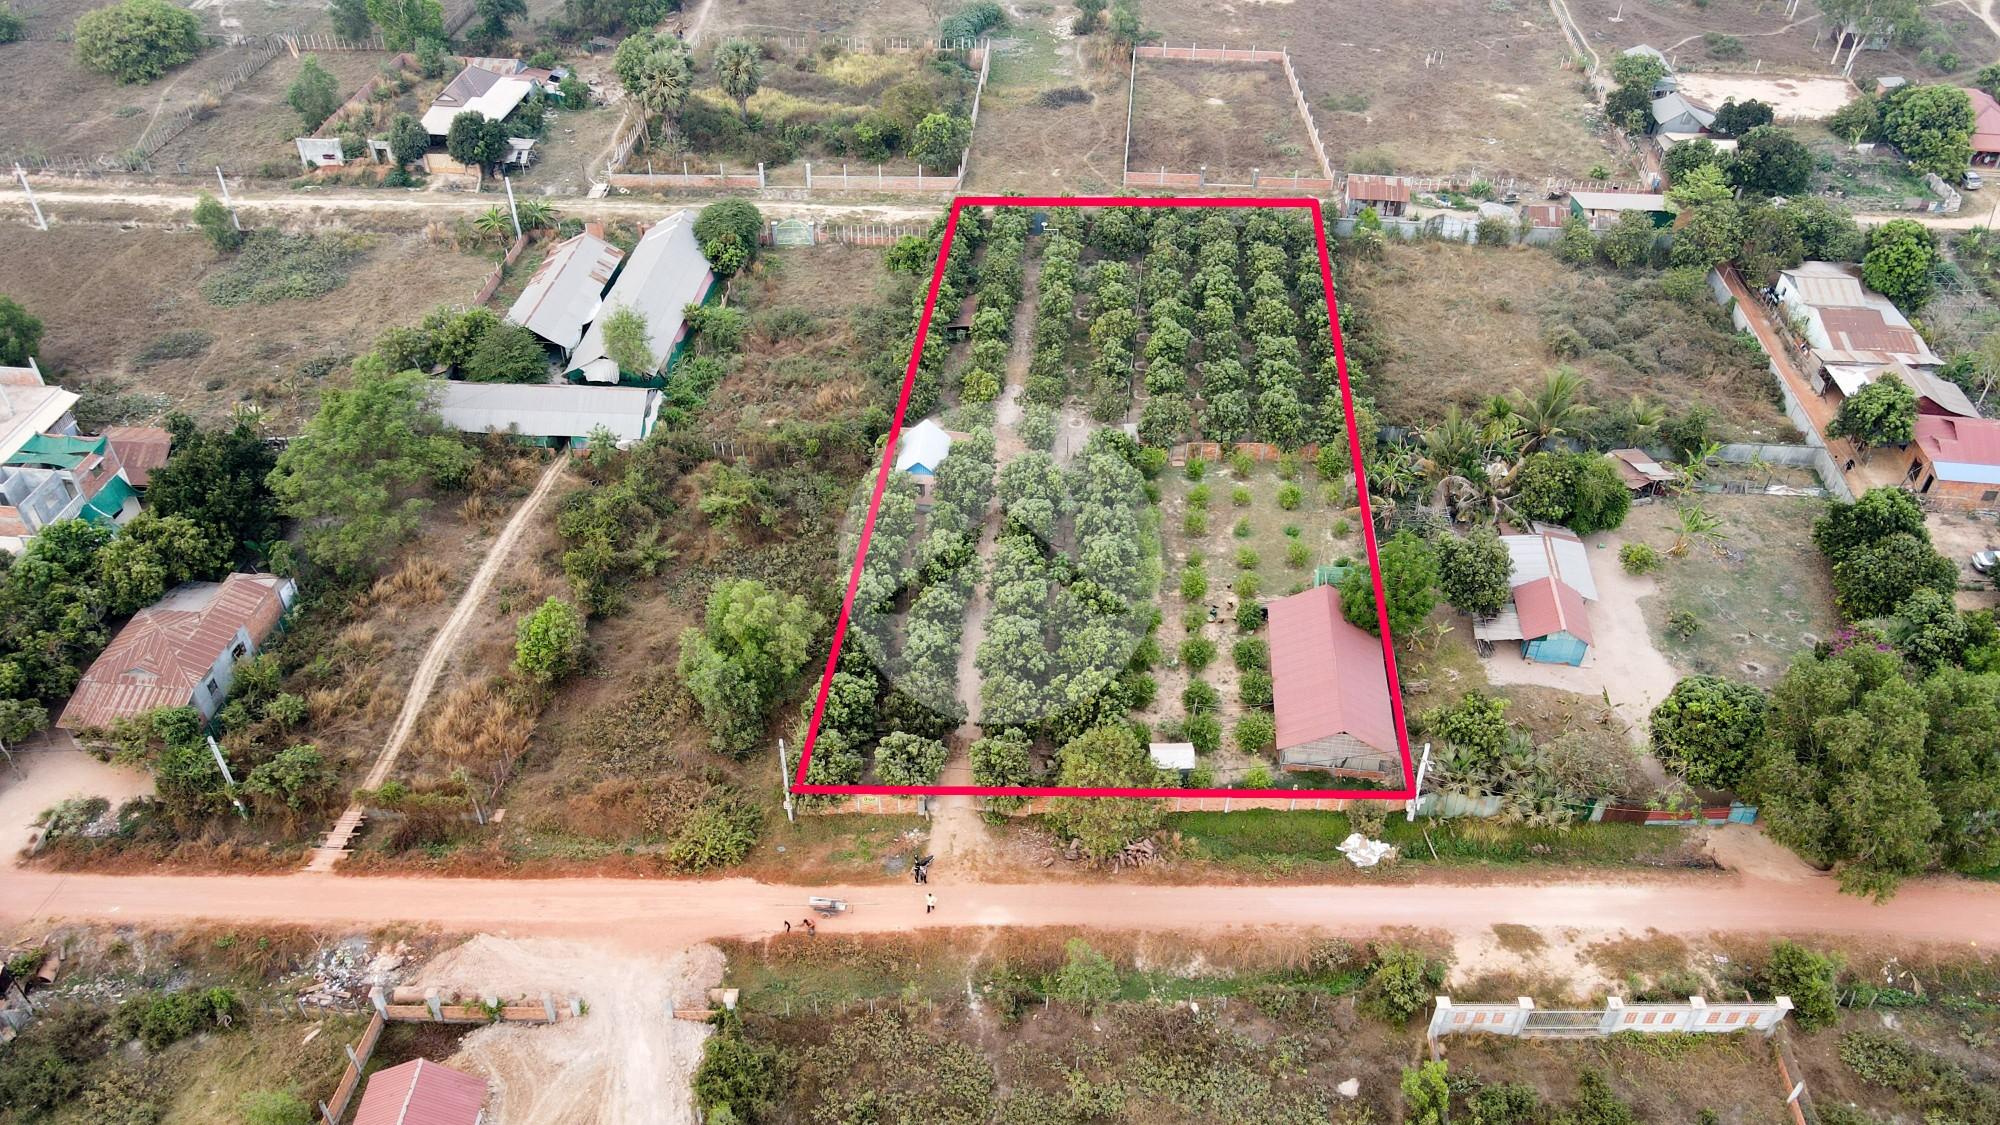 3200 Sqm Residential Land For Sale - Slor Kram, Siem Reap